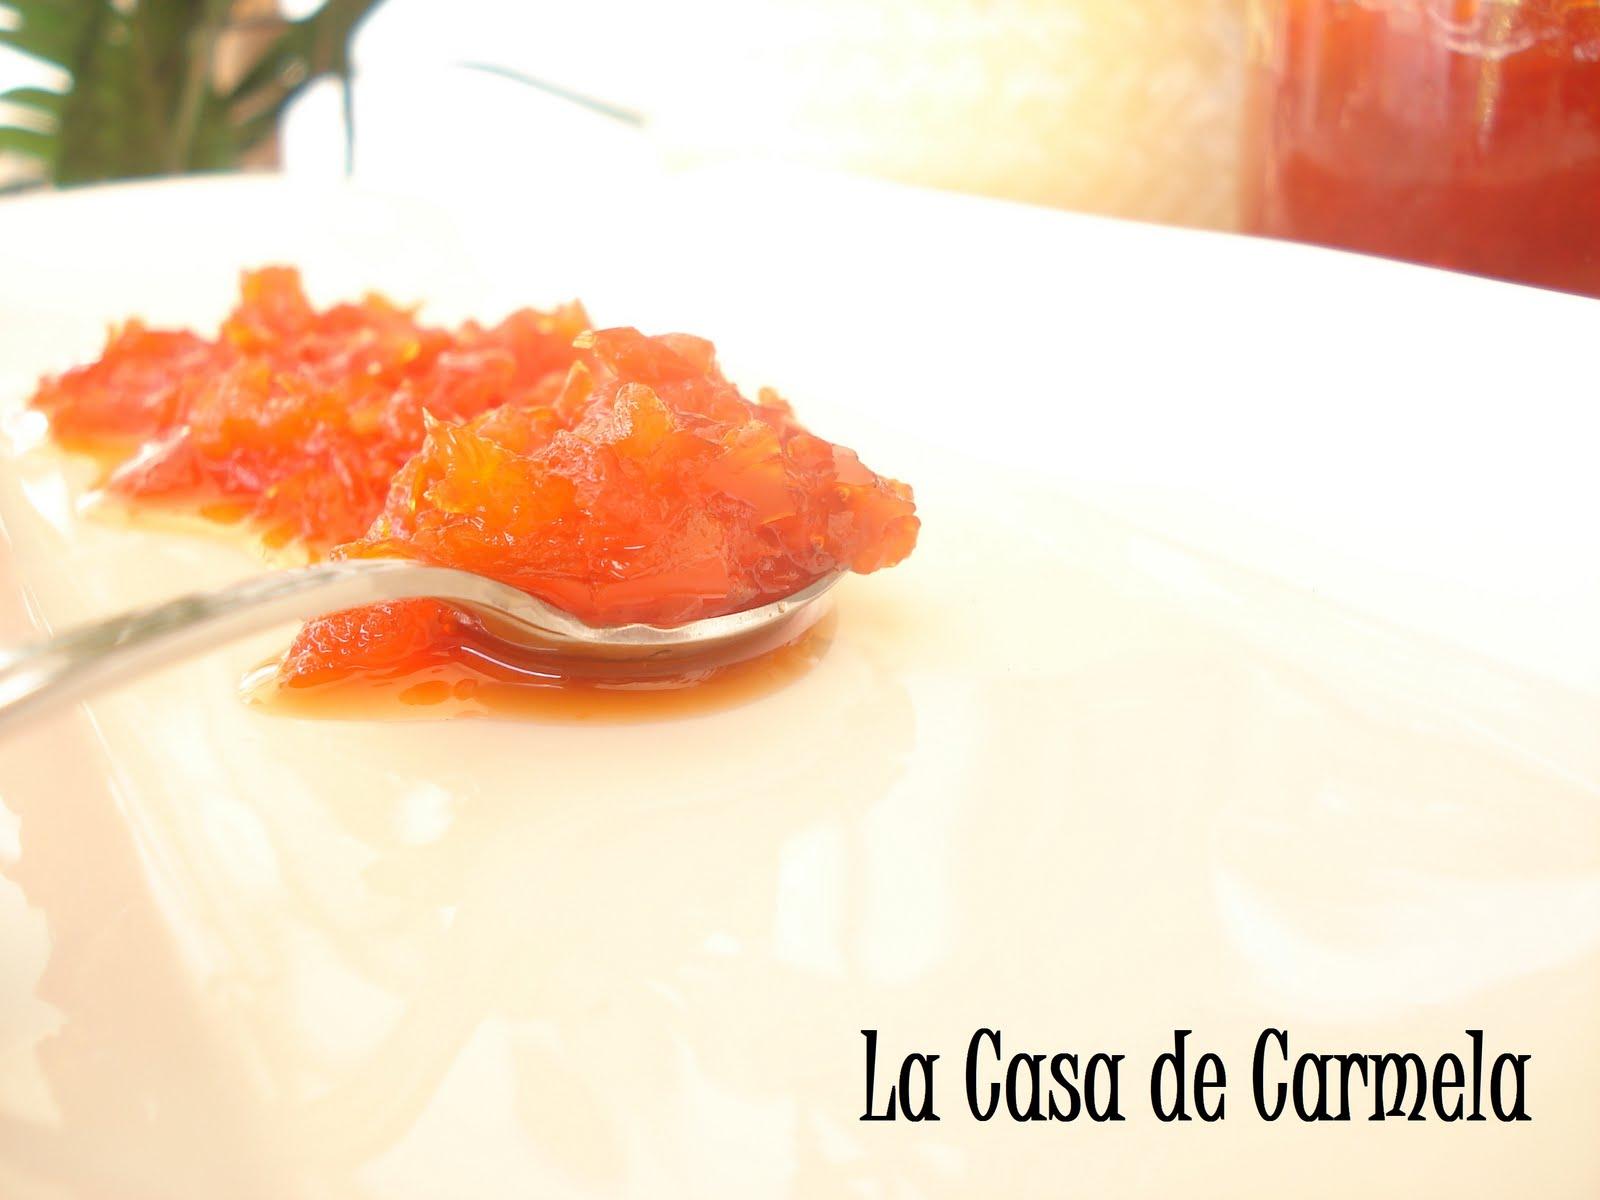 La casa de carmela mermelada de pimiento rojo - Mermelada de pimientos rojos ...